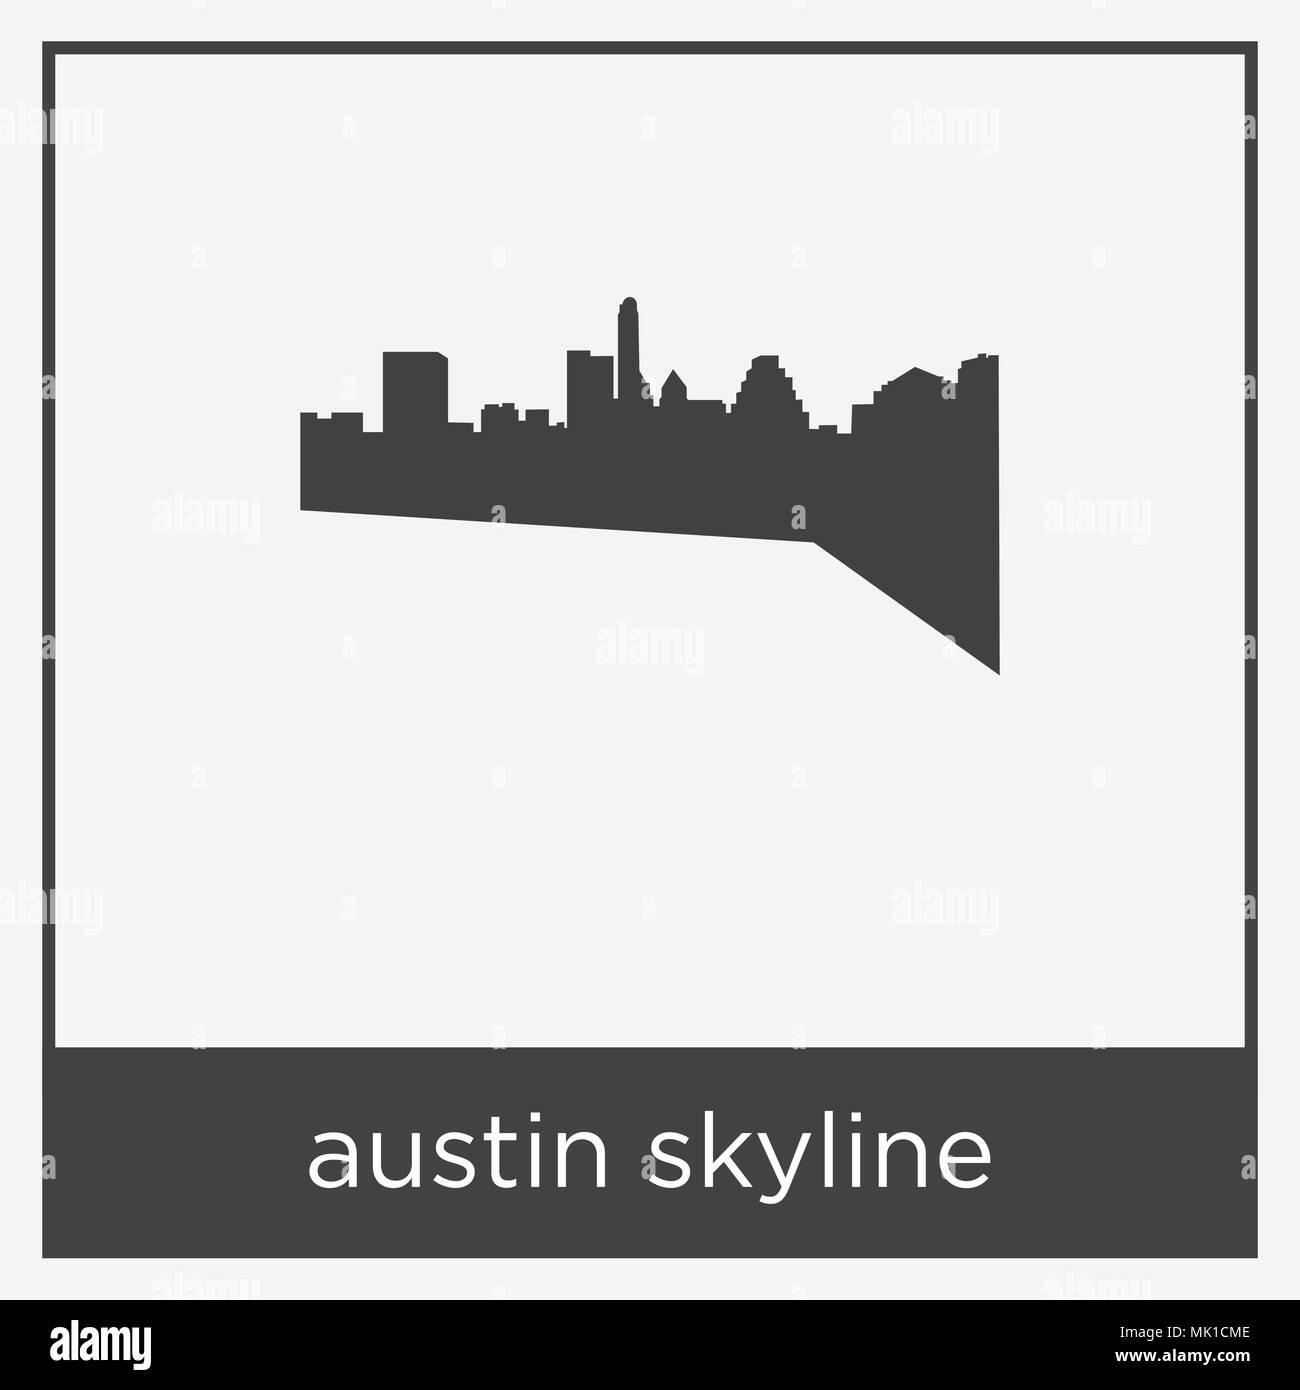 Schön Bilderrahmen Austin Fotos - Benutzerdefinierte Bilderrahmen ...